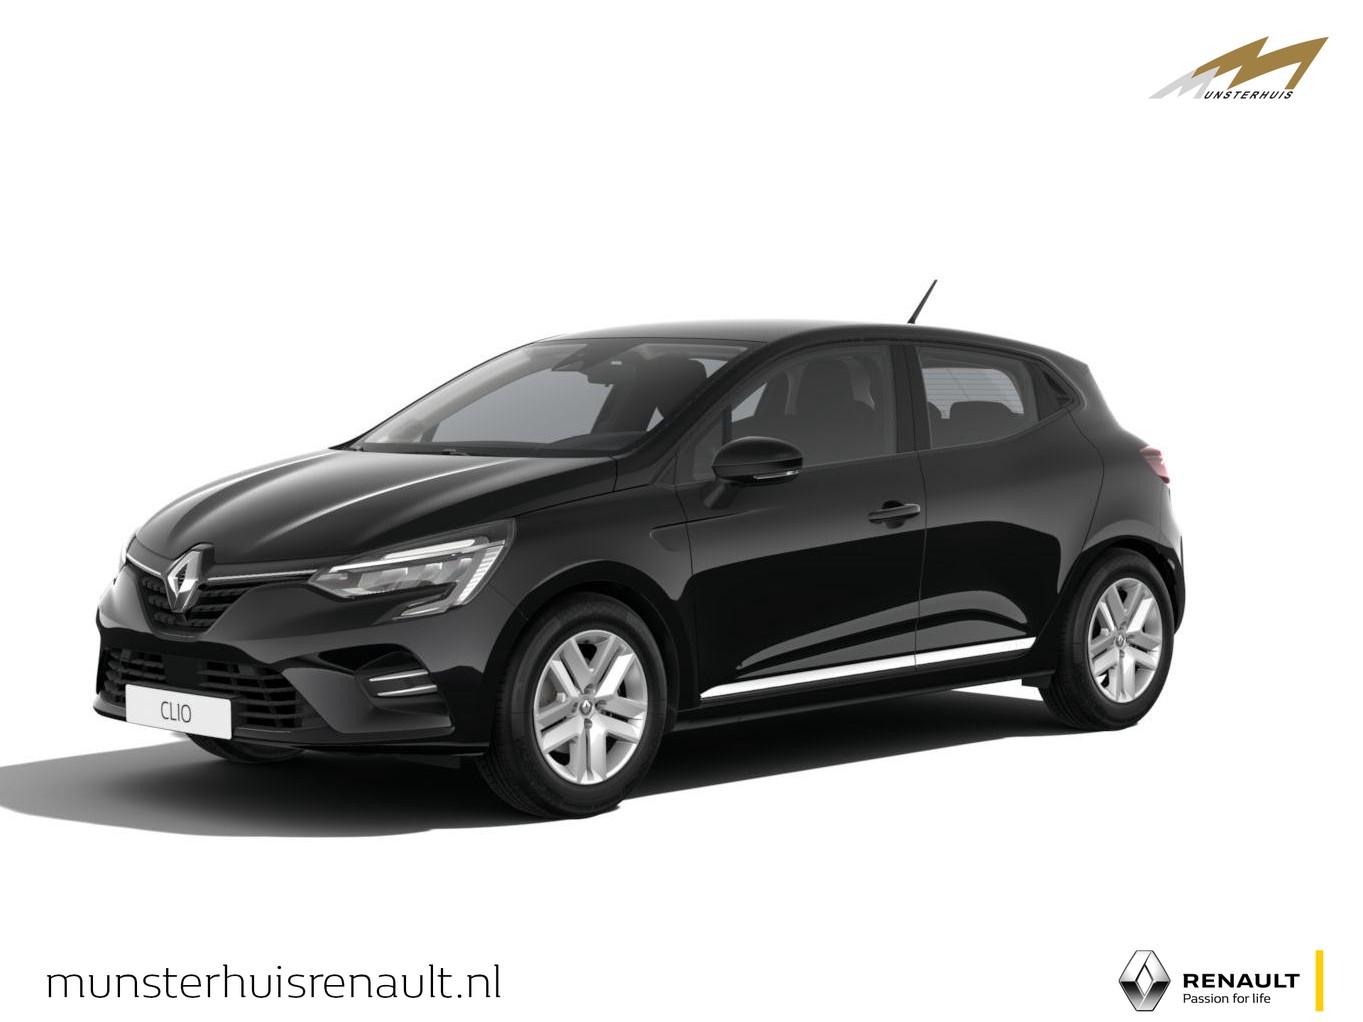 Renault Clio Tce 100 bi-fuel zen - nieuw - lpg-installatie - wordt verwacht